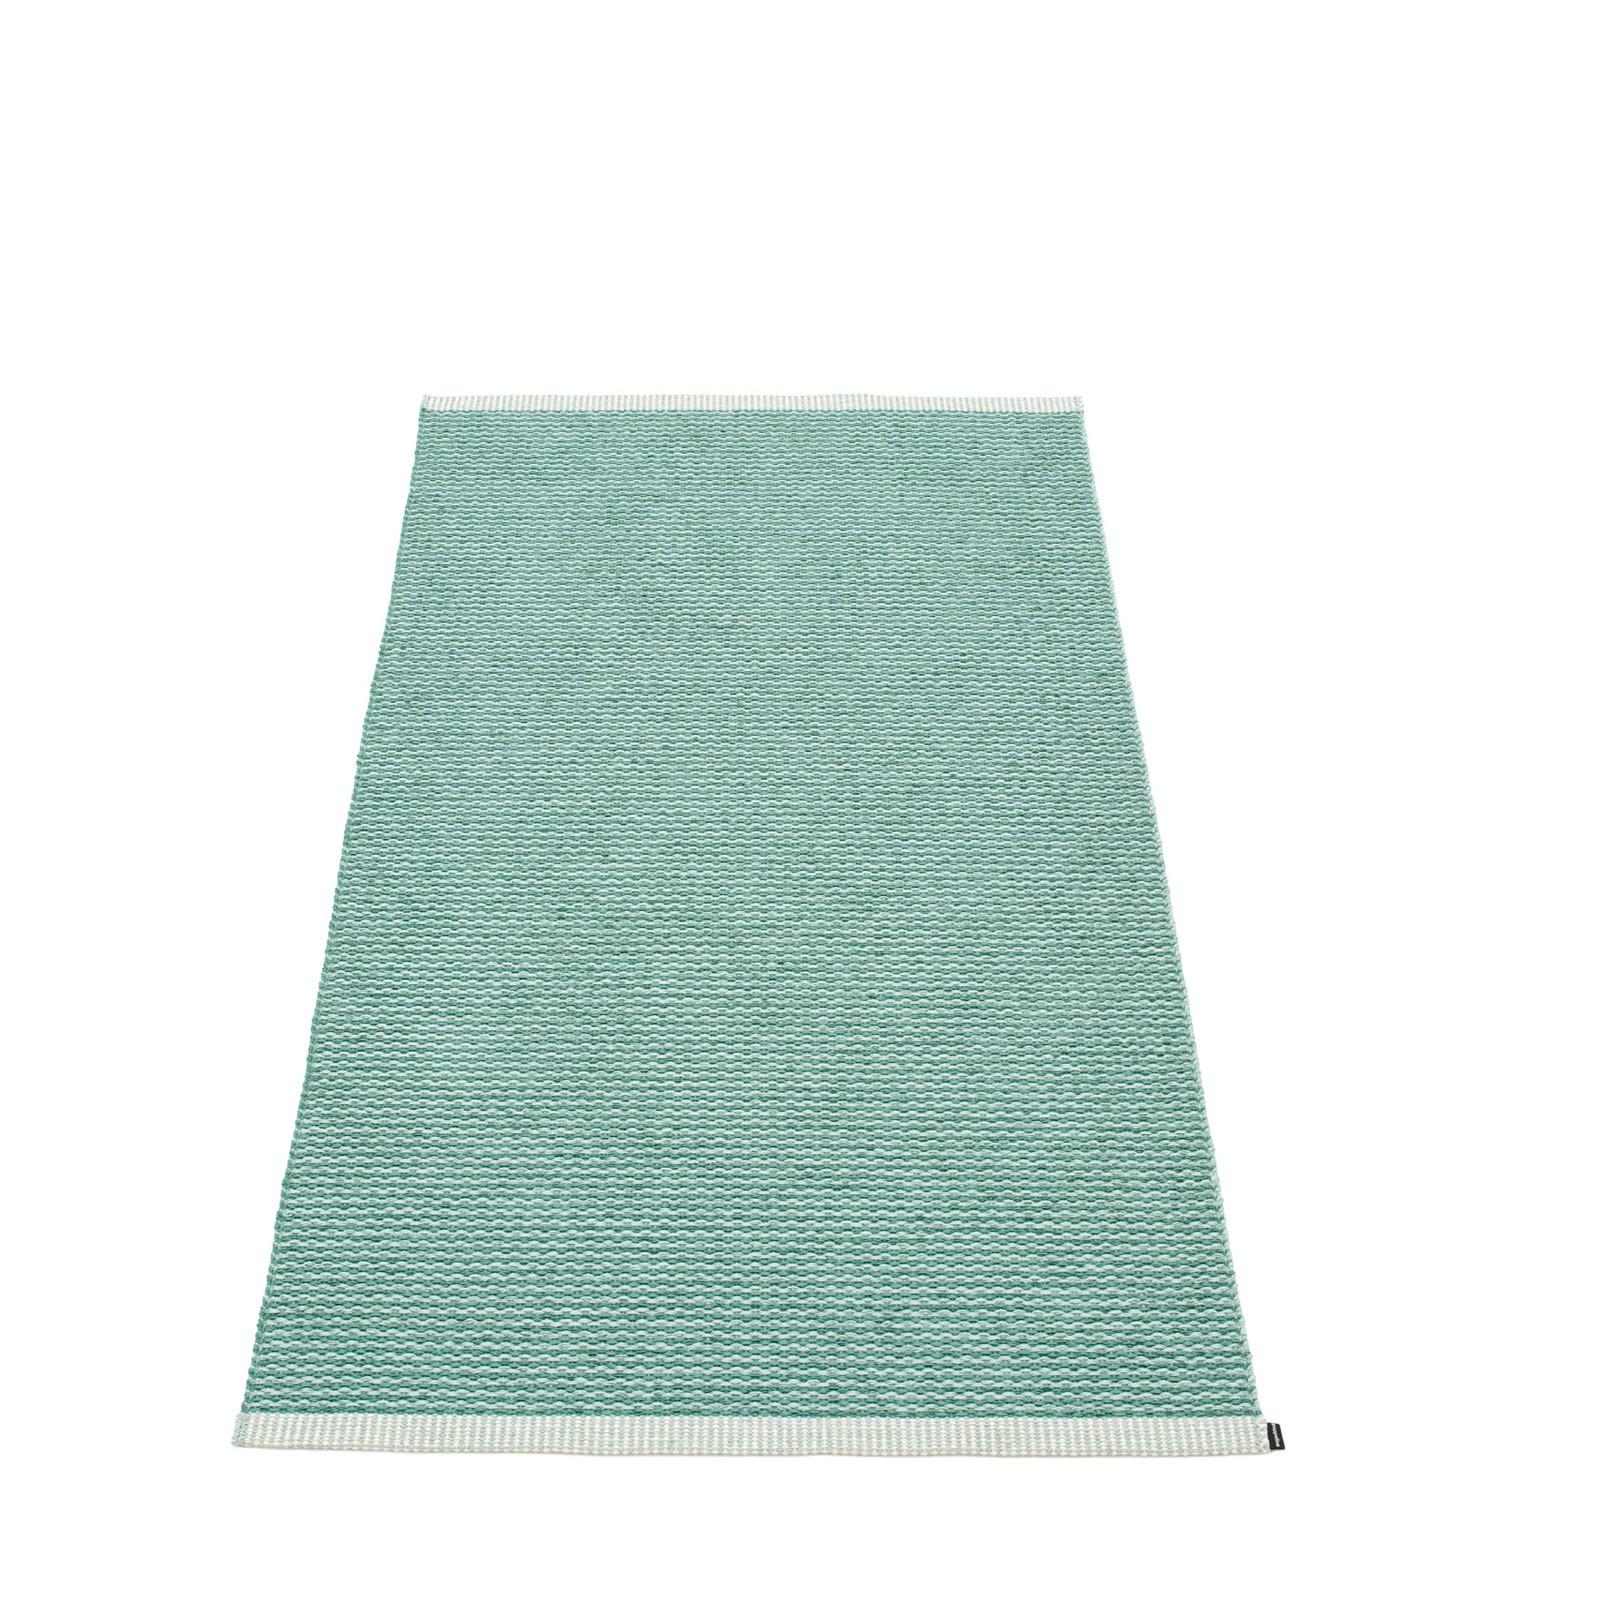 Pappelina Läufer pappelina mono läufer kunststoffteppich farbe jade in verschiedenen